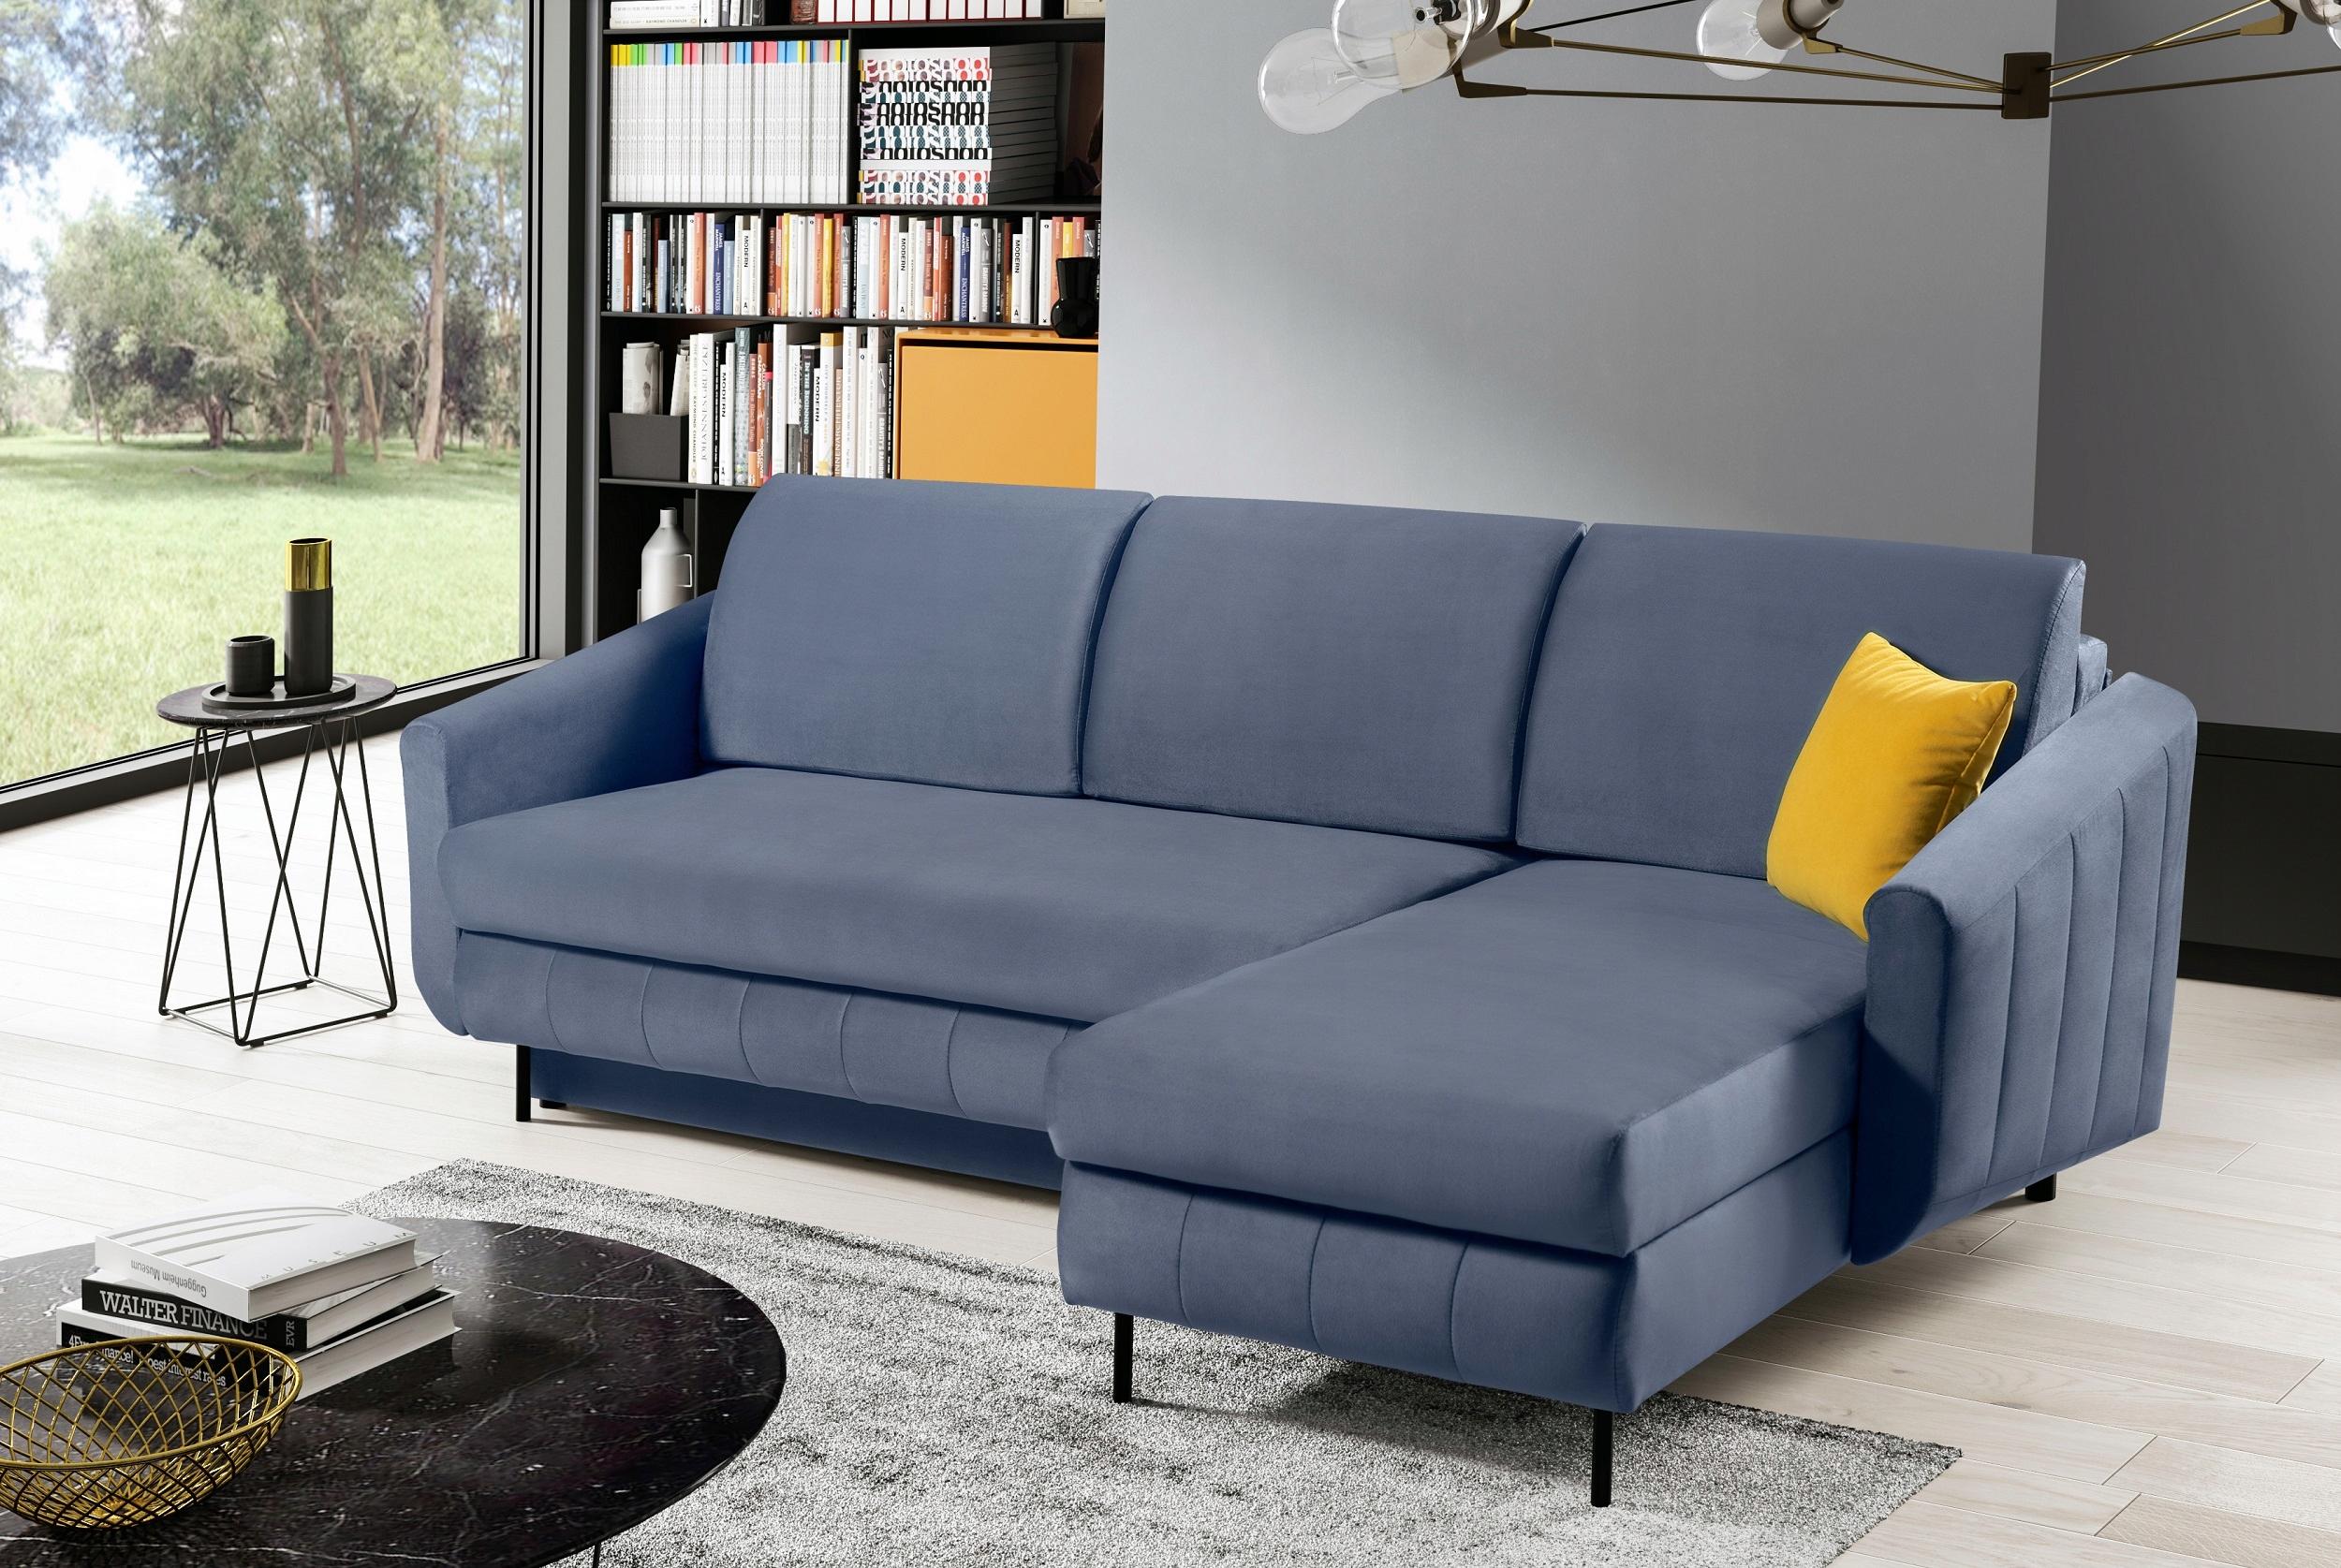 RINGO NEUE komfortable Wohnzimmer Eckfarbe